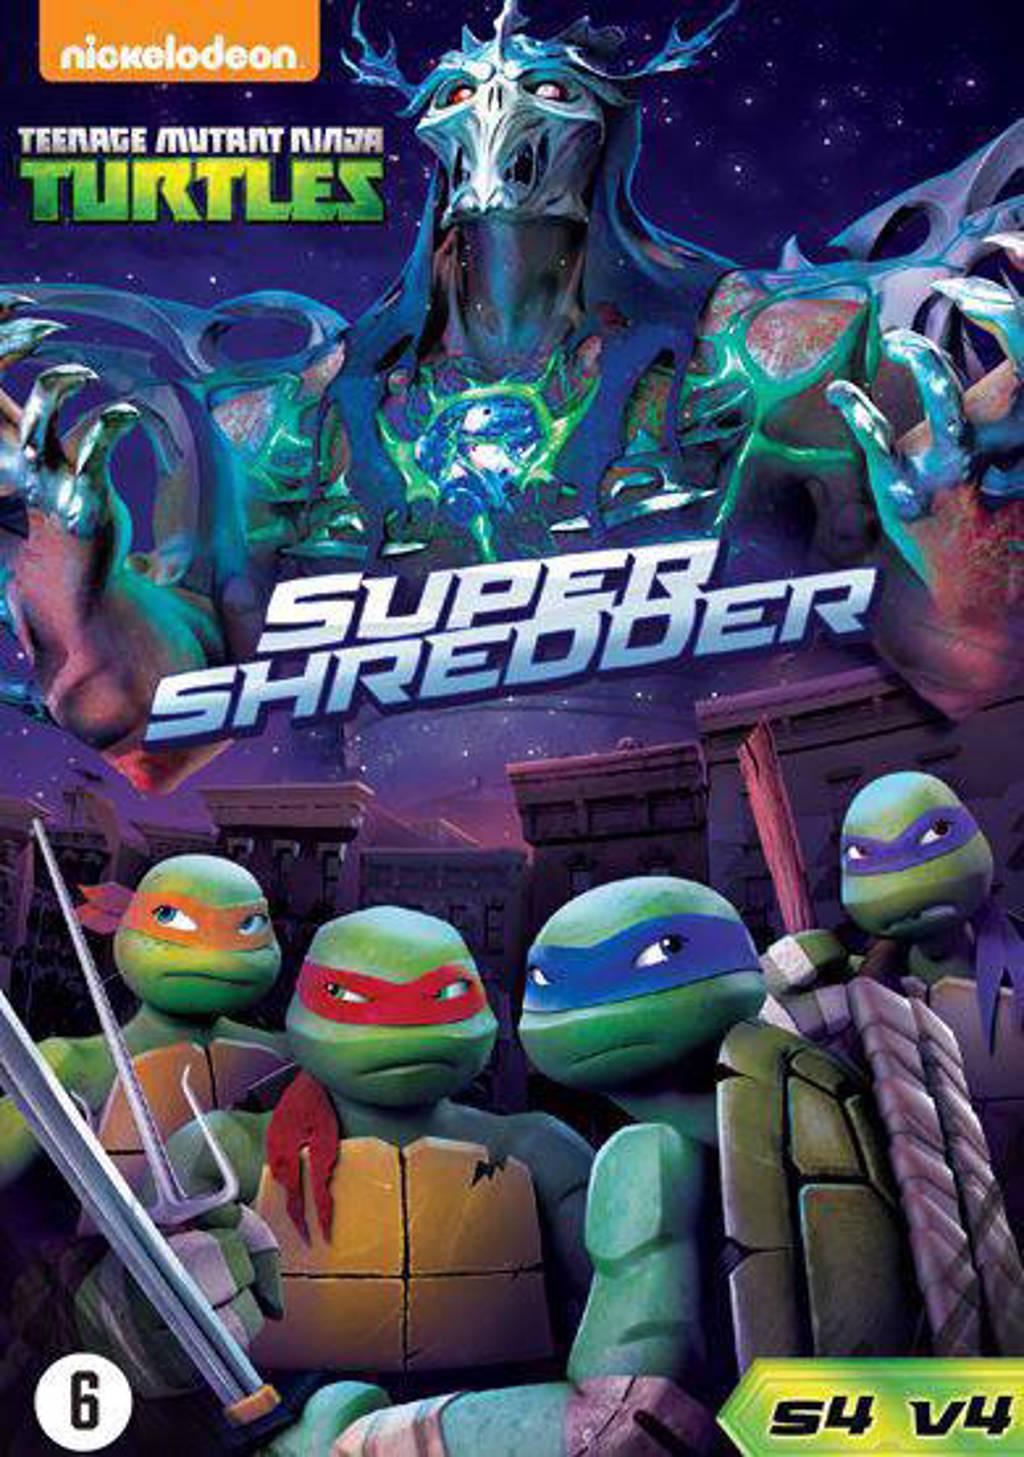 Teenage Mutant Ninja Turtles Super Shredder Dvd Wehkamp